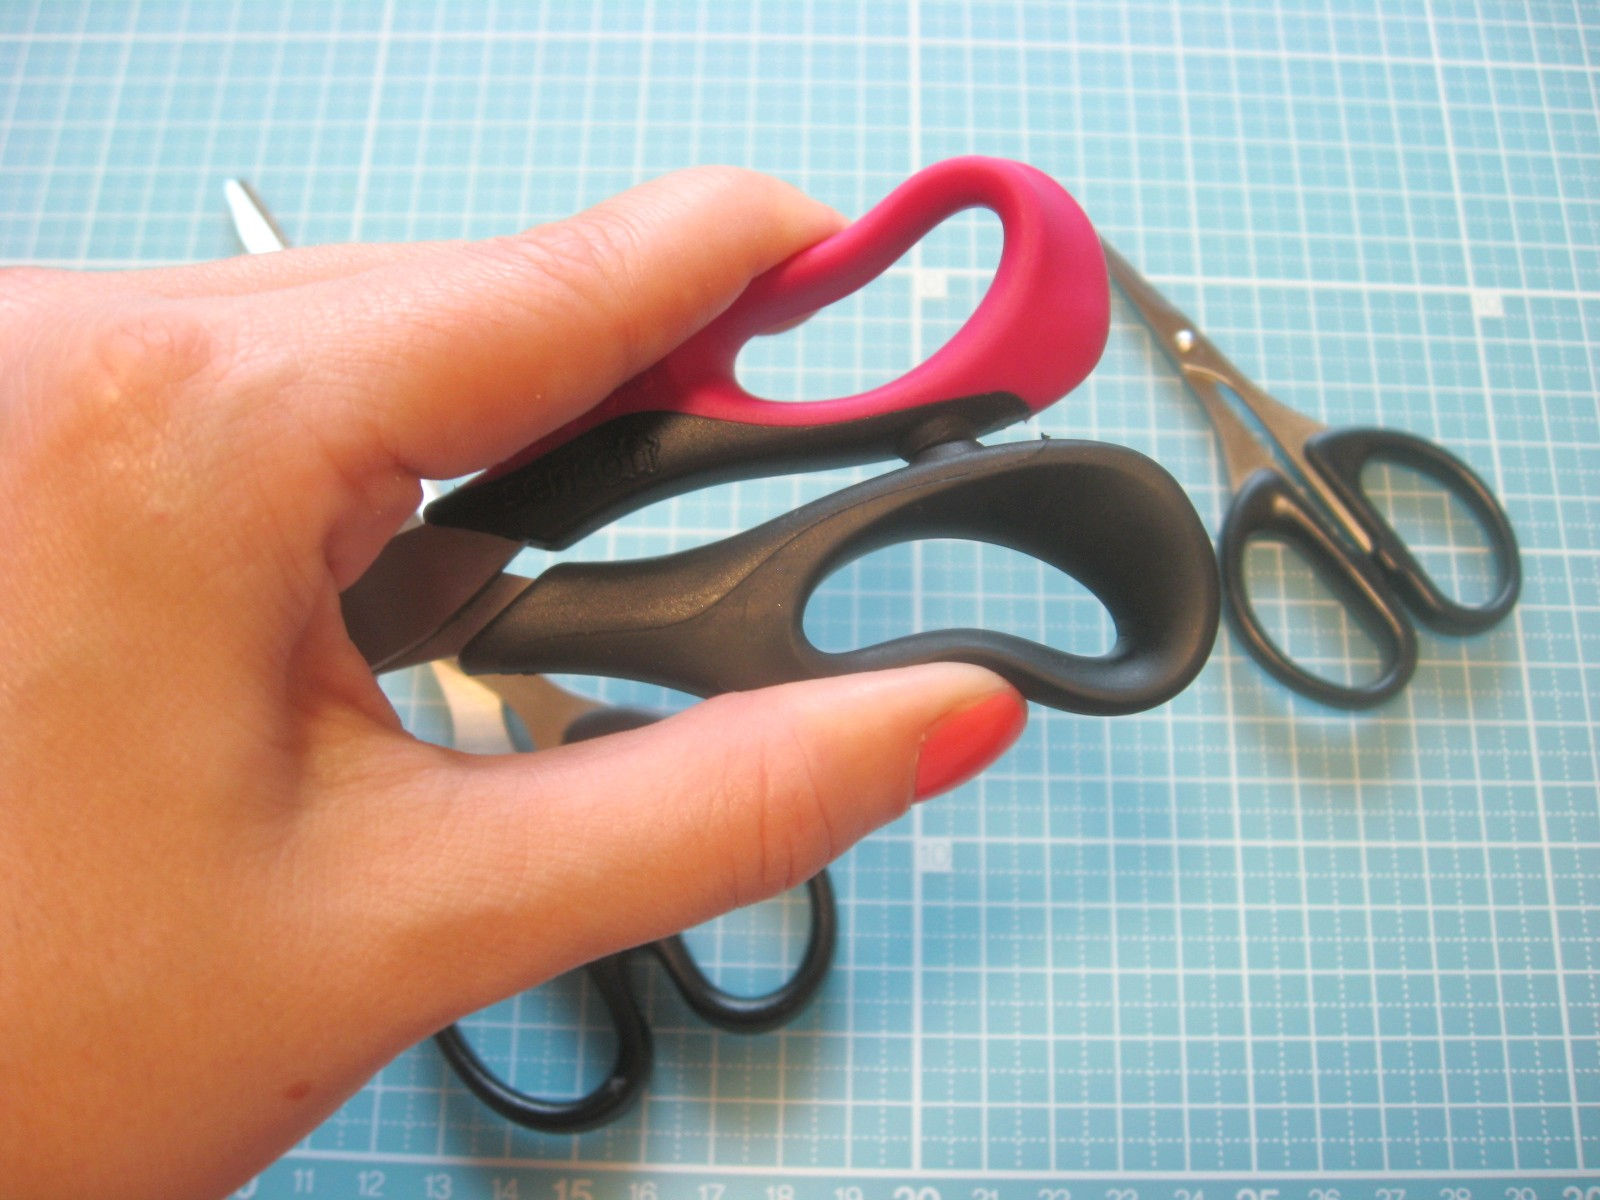 инструменты для шитья из фетра ножницы мастер-класс